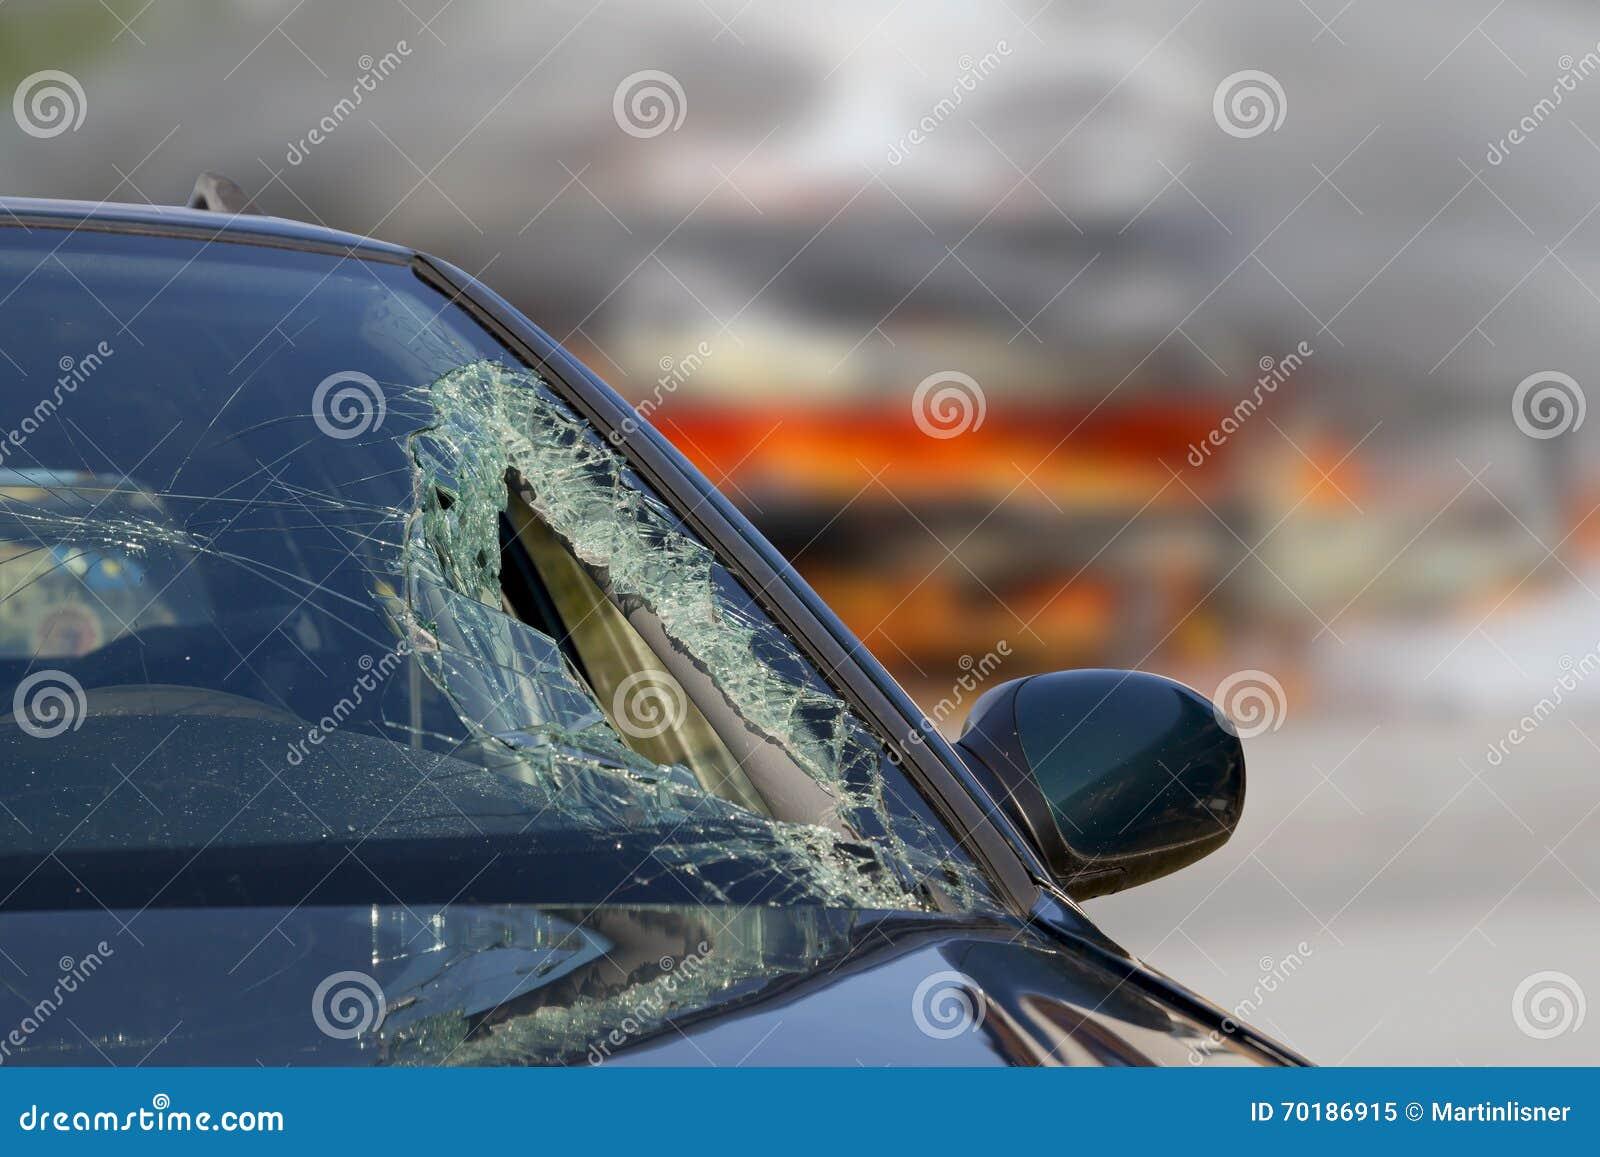 Bruten vindruta på den svarta bilen i trafikolycka